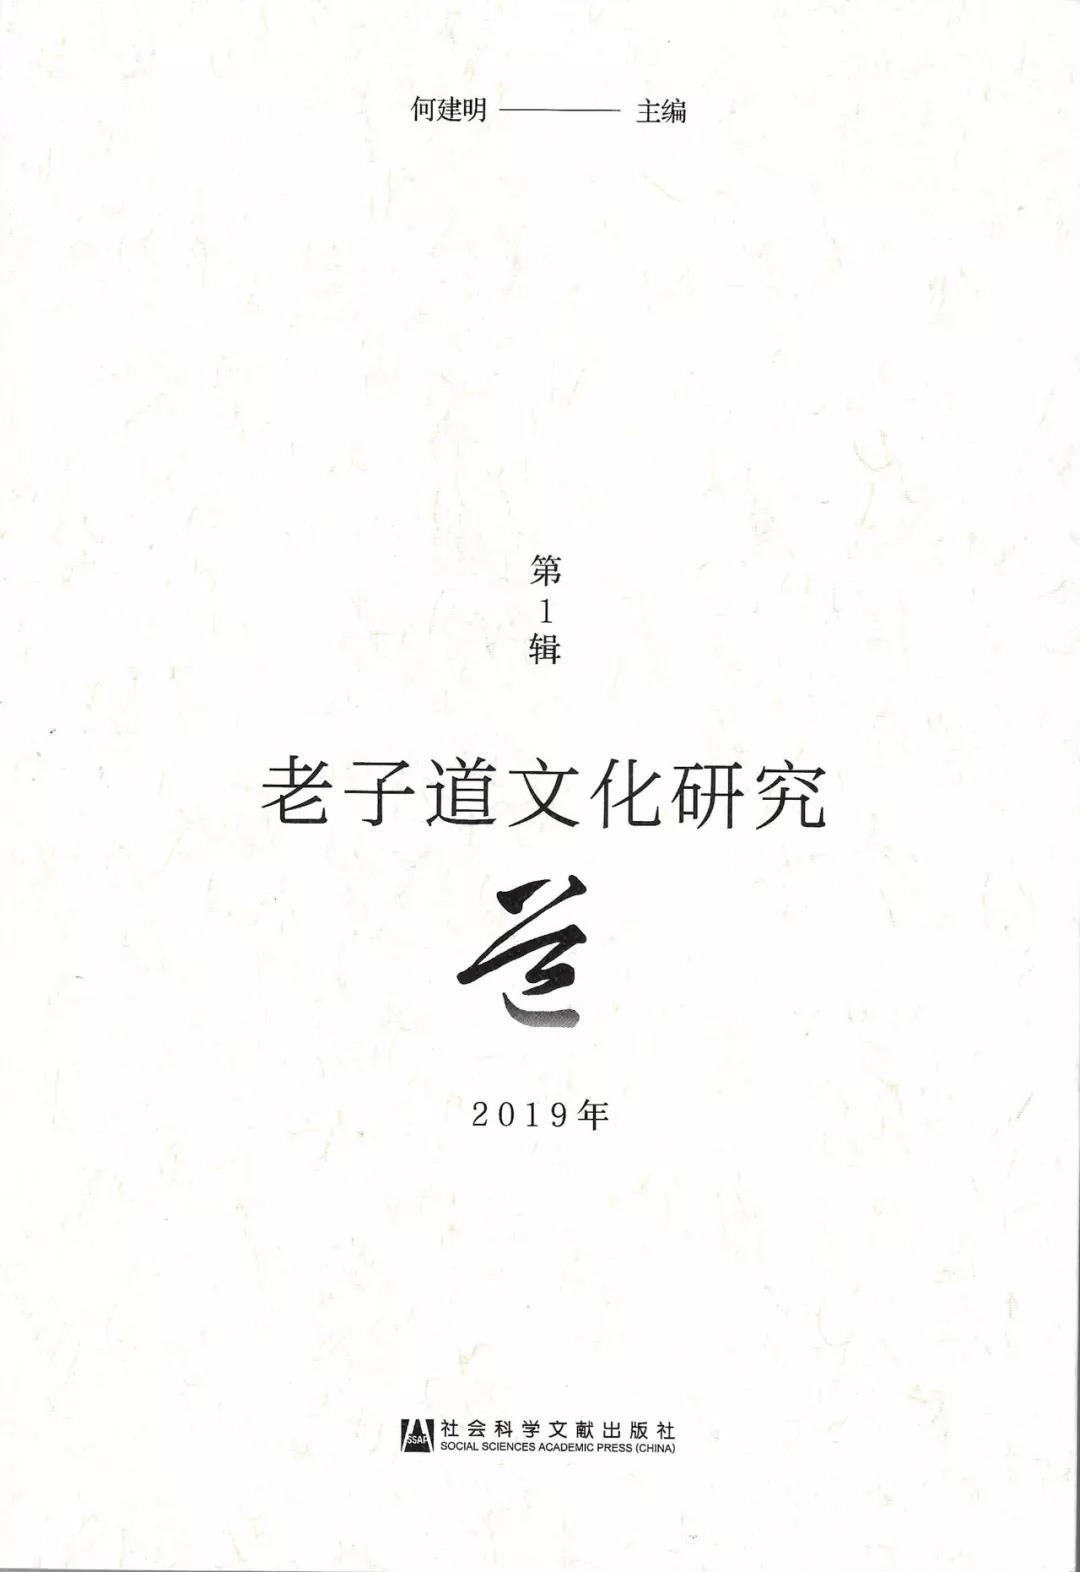 道教期刊:《老子道文化研究》2019年第1輯